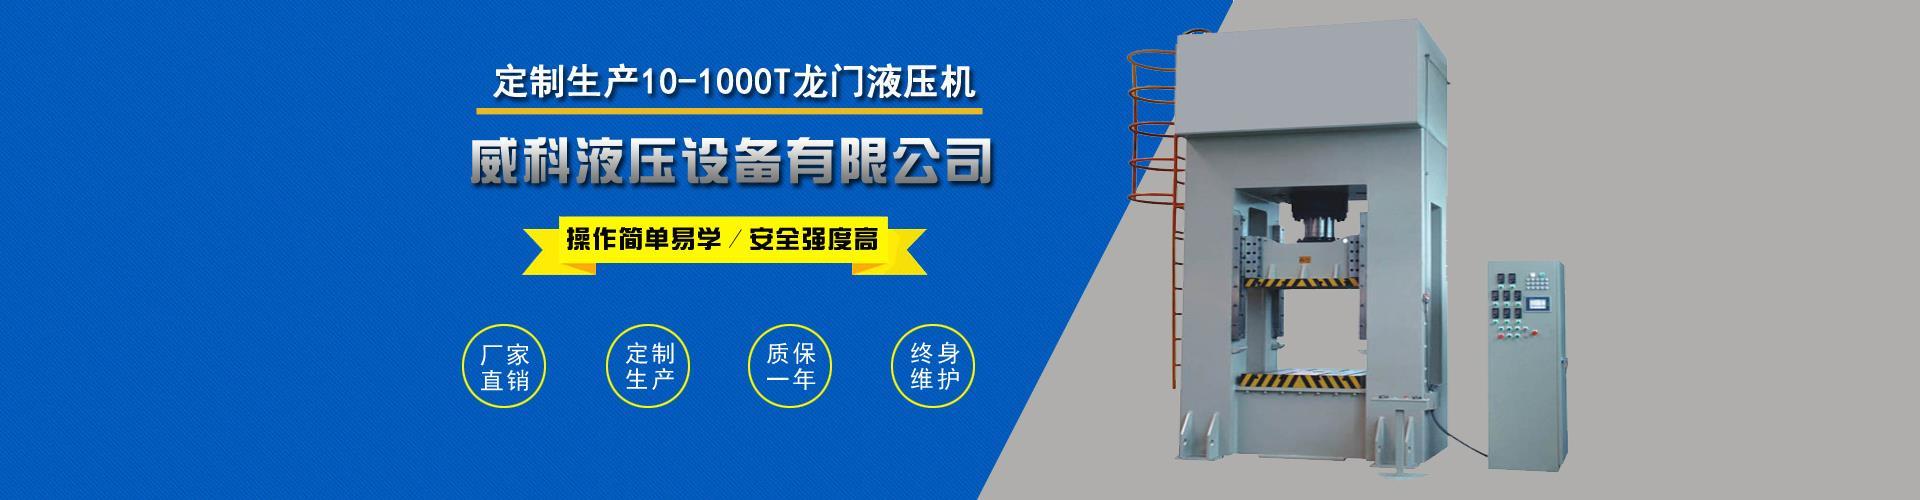 龍門液壓機海報展示